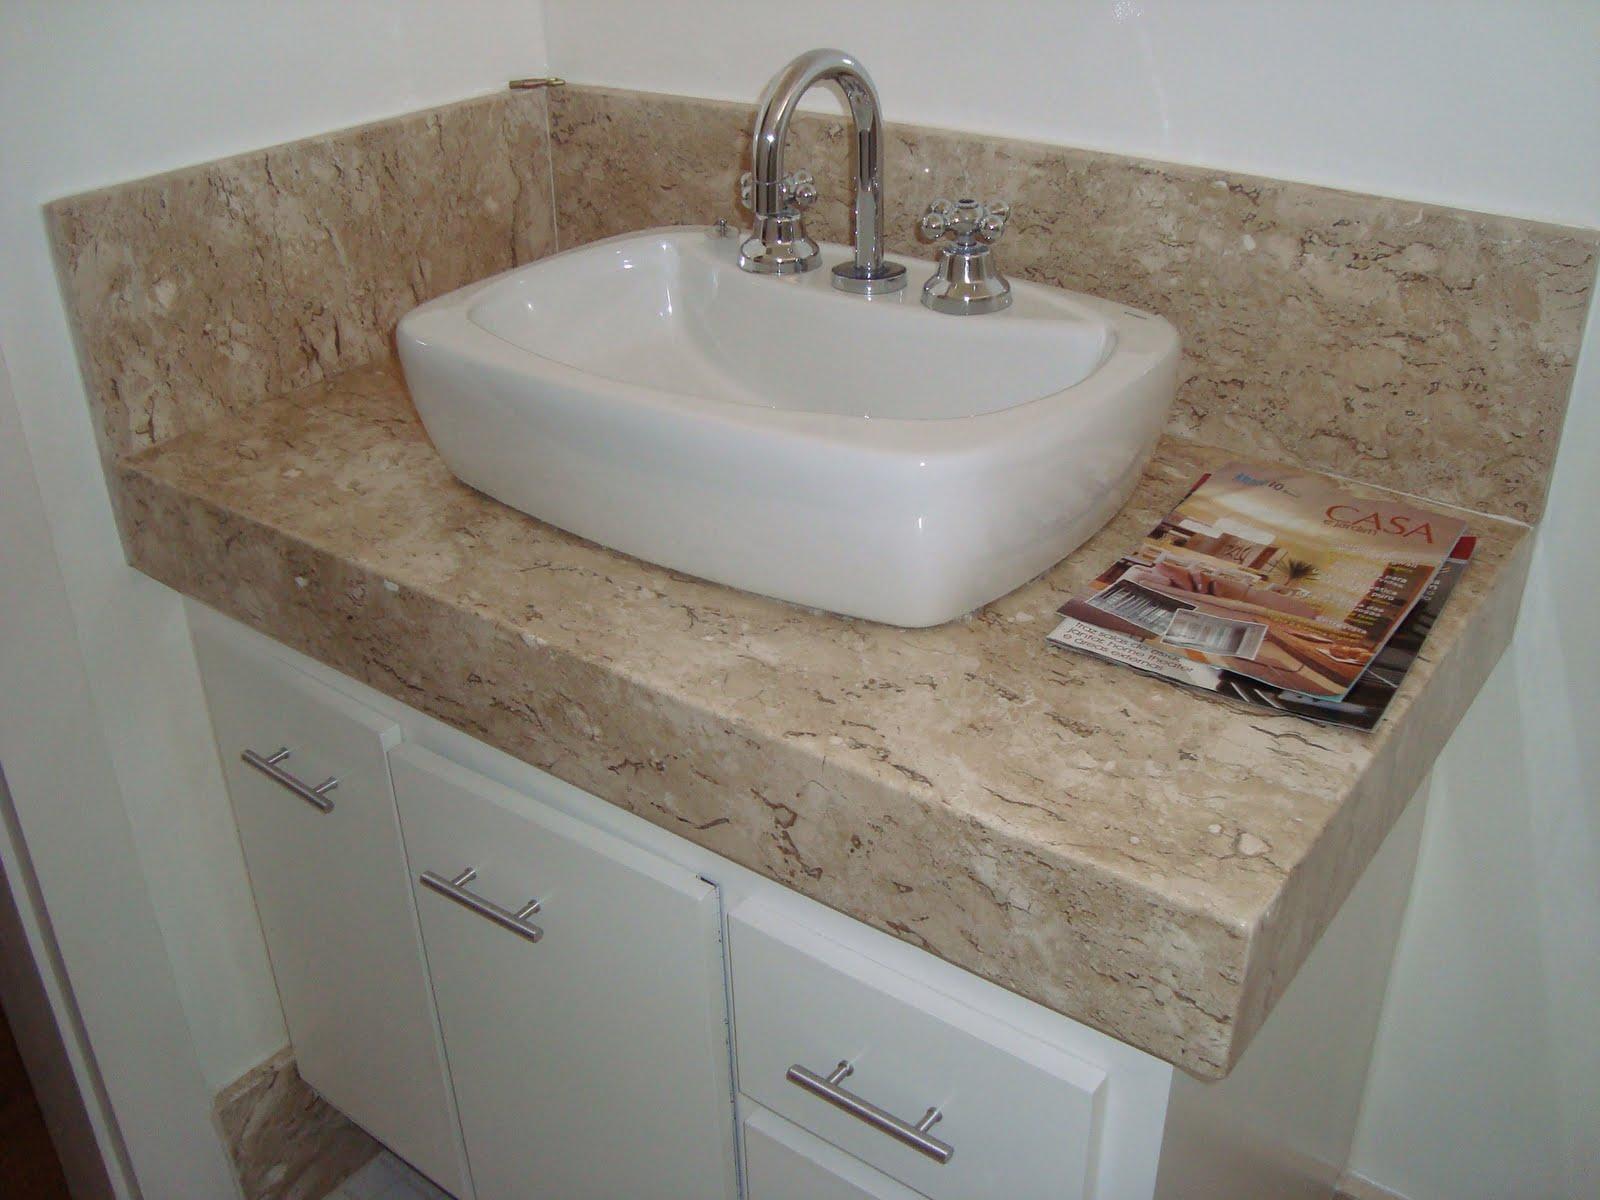 As bancadas dos meus banheiros serão em granito ou mármore ? #634C3D 1600x1200 Bancada Banheiro Duas Cubas